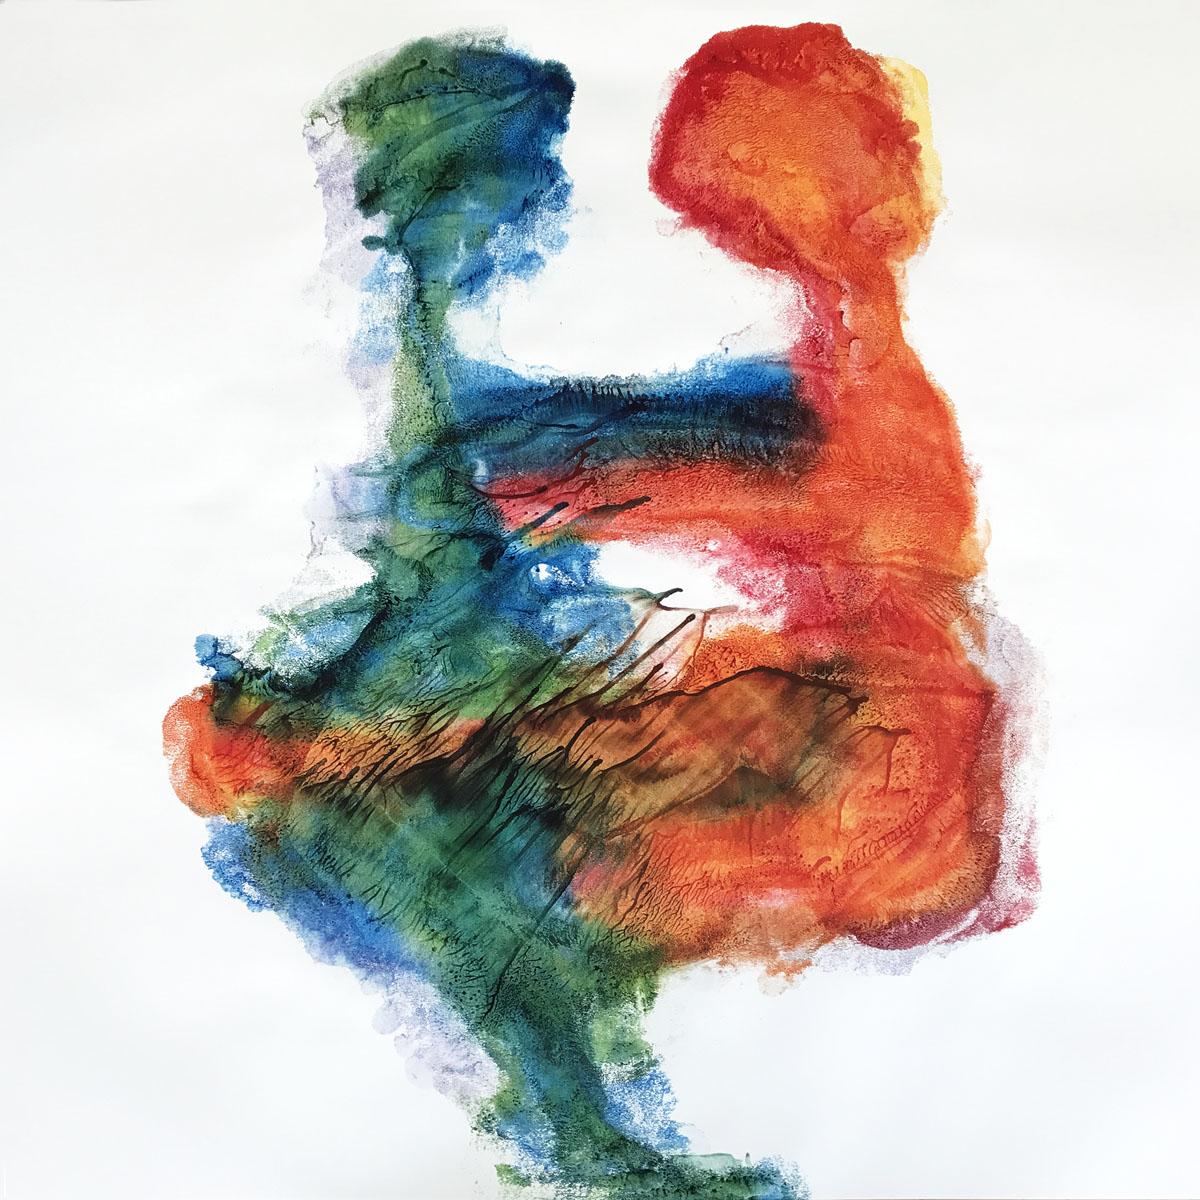 Embrace Diversity - 2/12